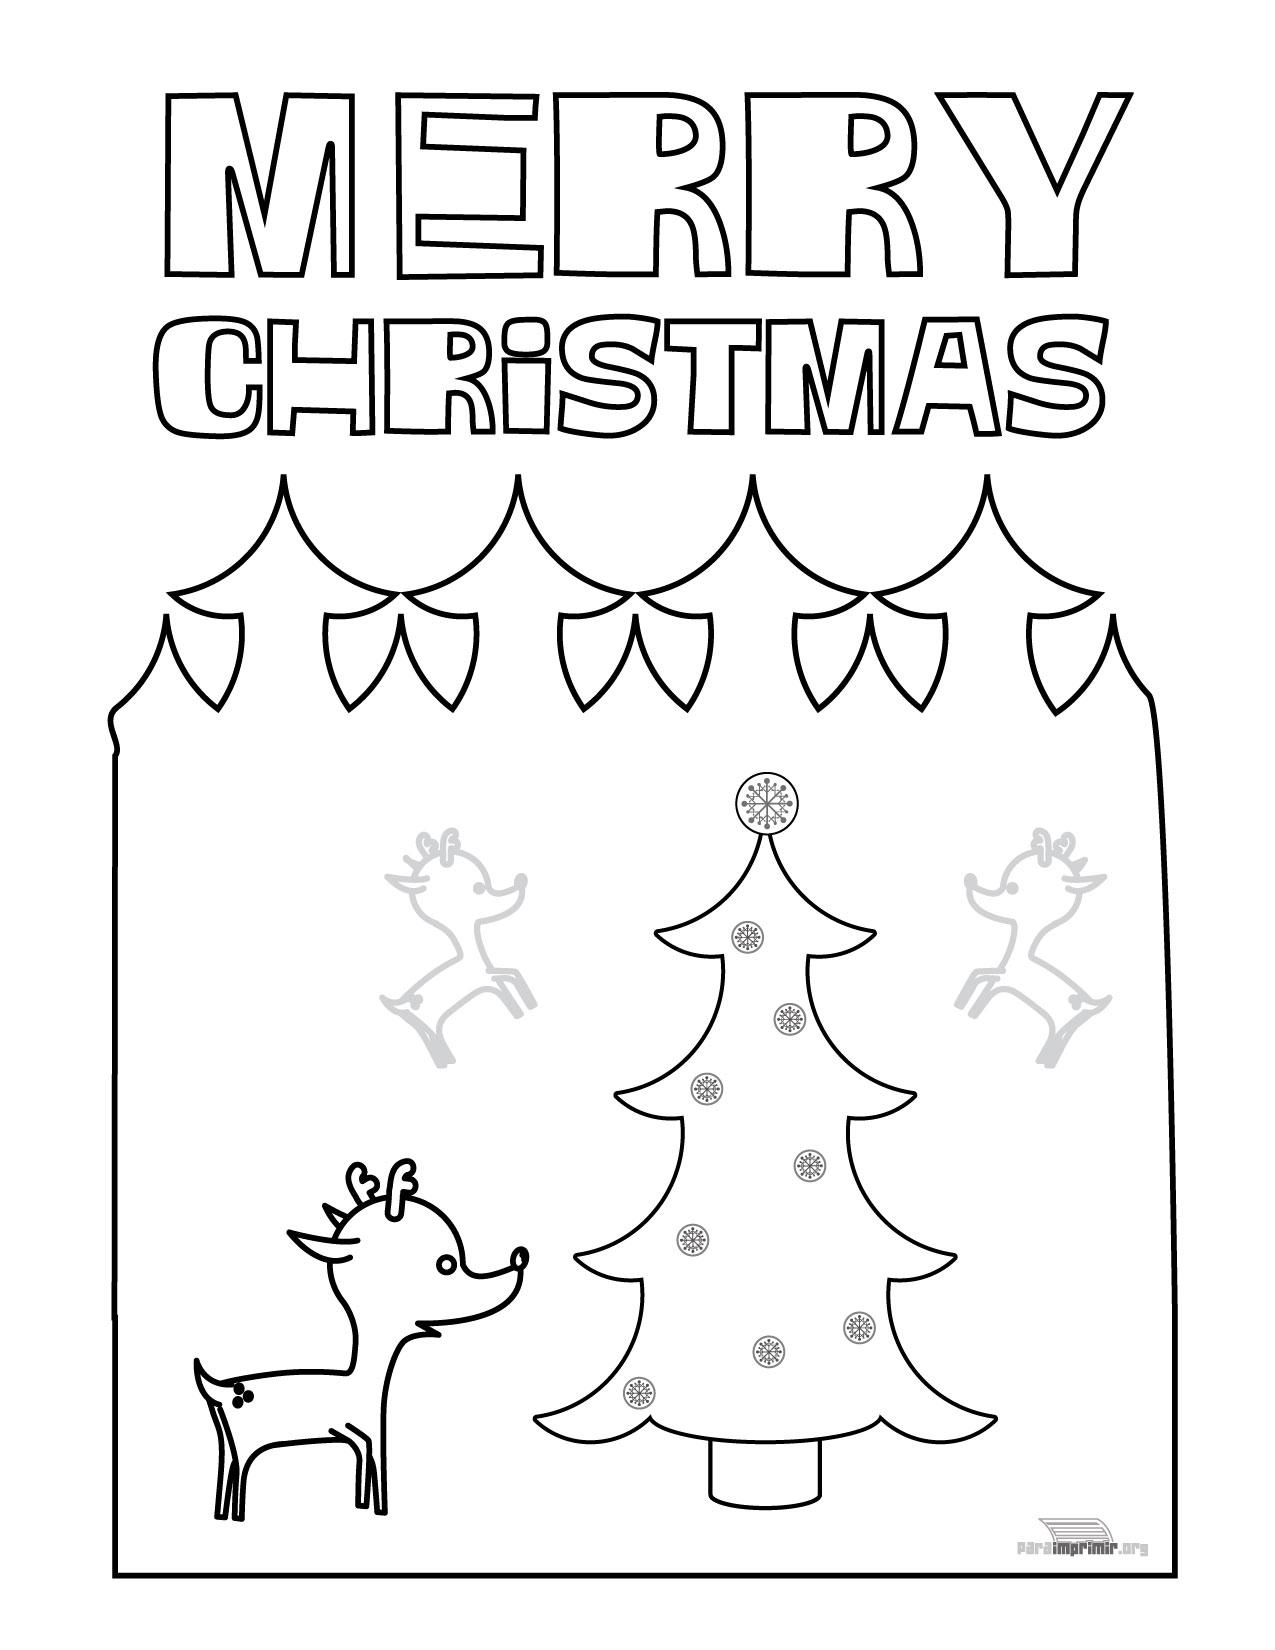 Dibujo de navidad para imprimir en ingles - Dibujos para imprimir y colorear de navidad ...